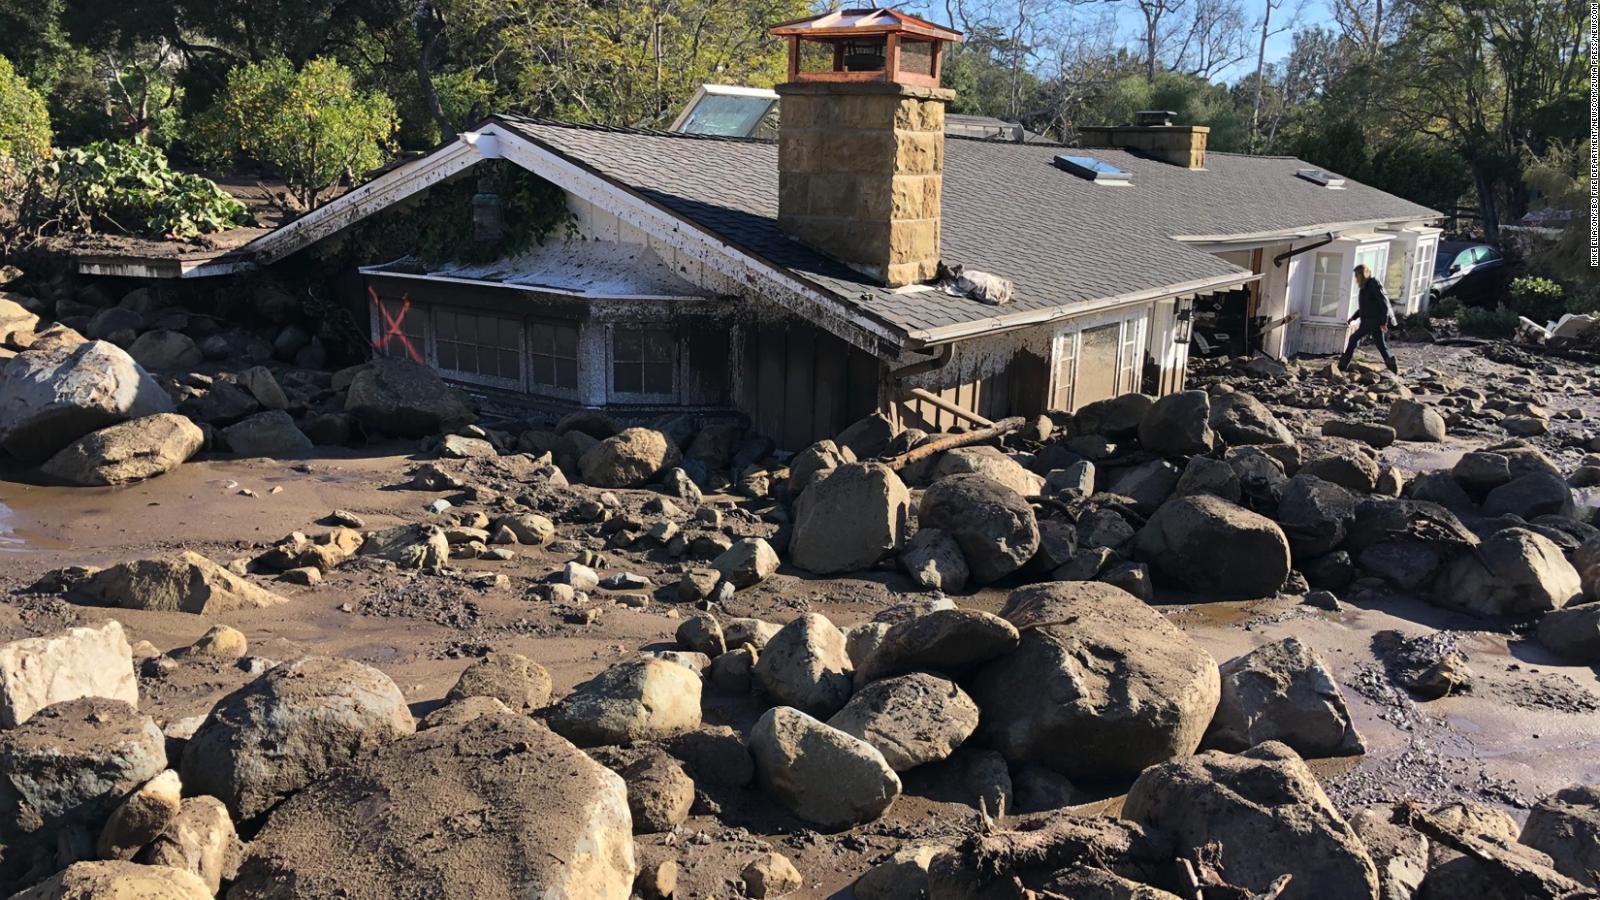 Bildergebnis für Mudslide in California